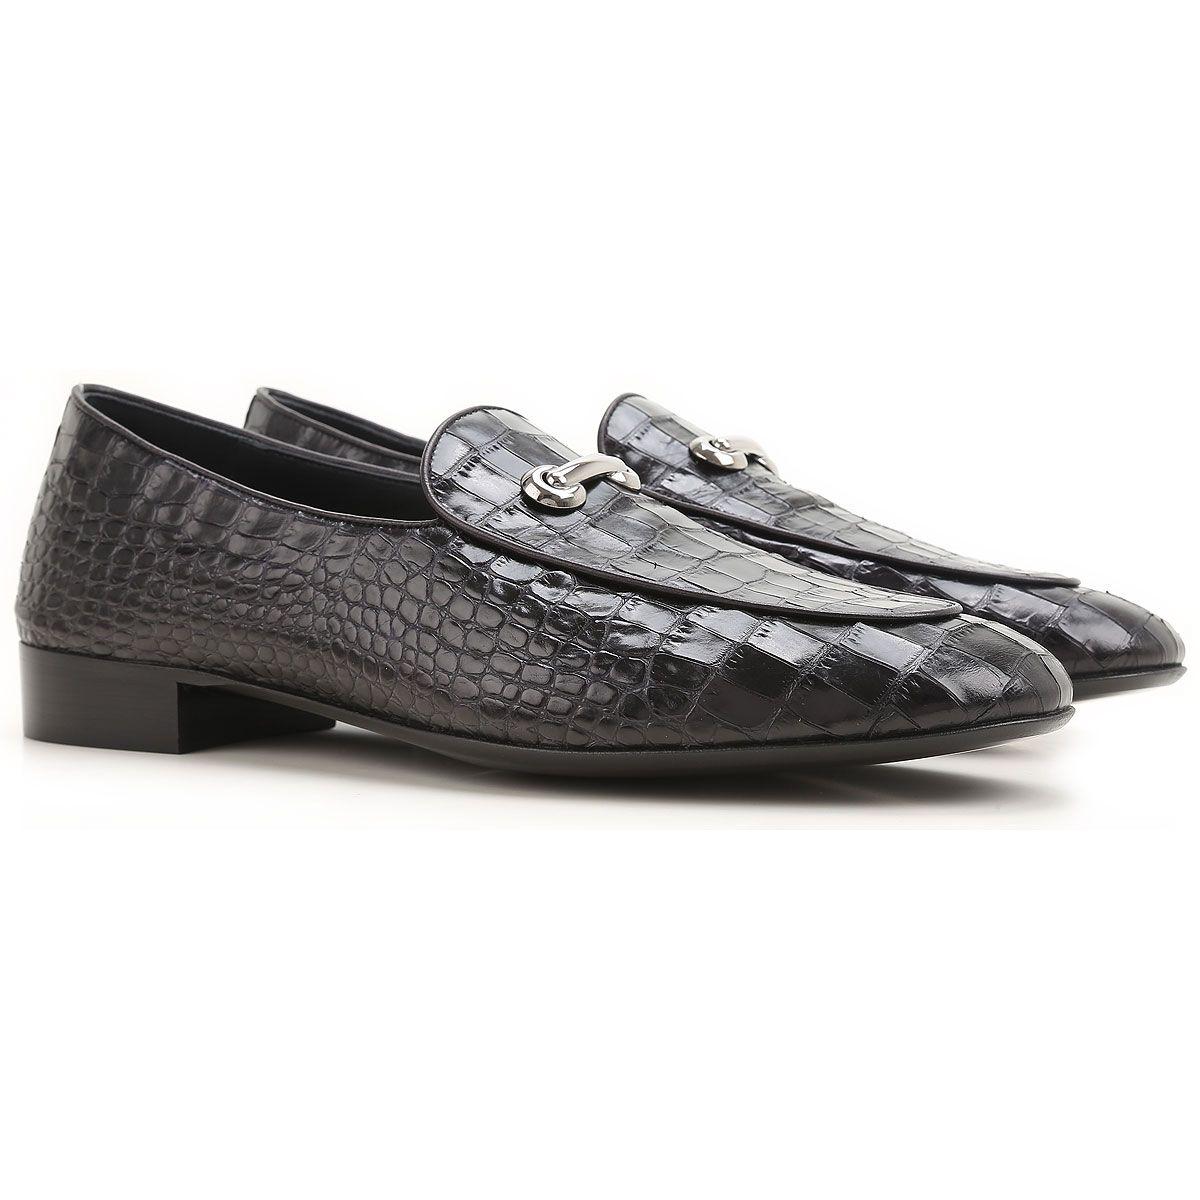 77543dcc72e49 Chaussures pour homme Giuseppe Zanotti et autre articles en vente, ainsi  que toutes les dernières